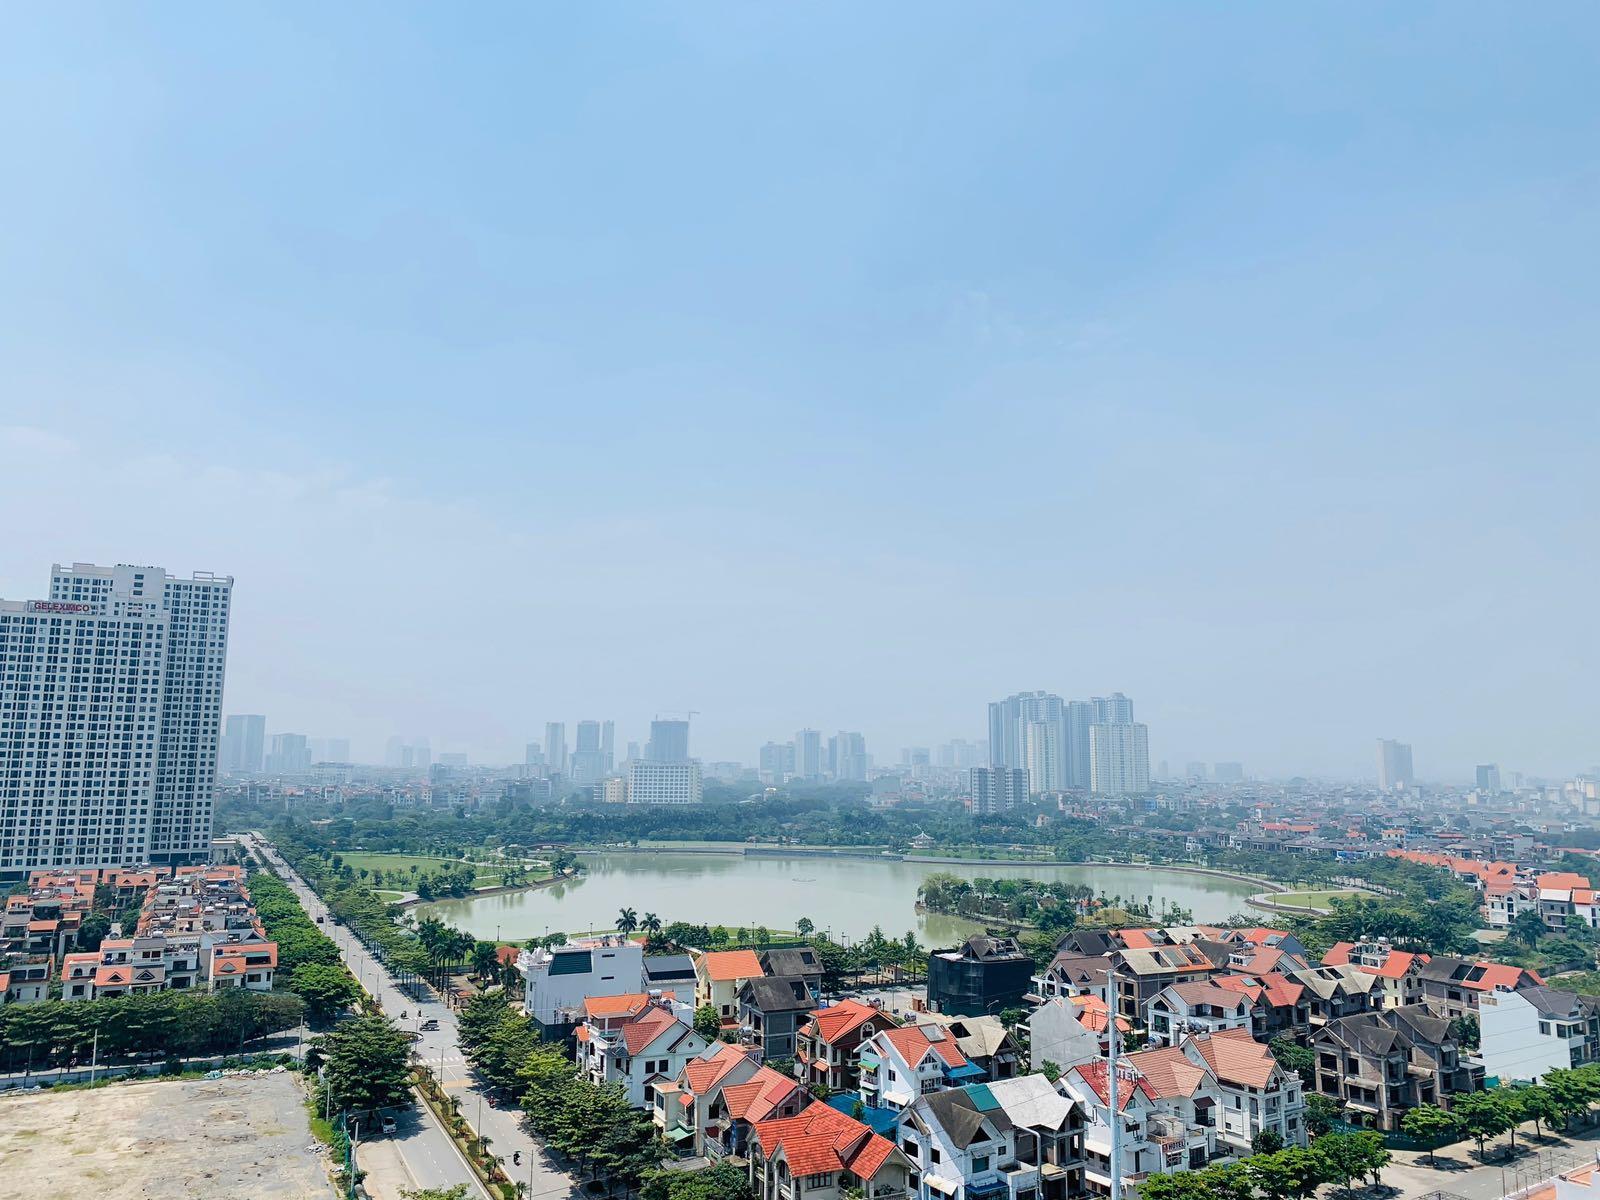 Tầm view triệu đô panorama Hồ điều hòa Trung tâm - TP giao lưu từ căn hộ Epic Home Phạm Văn Đồng